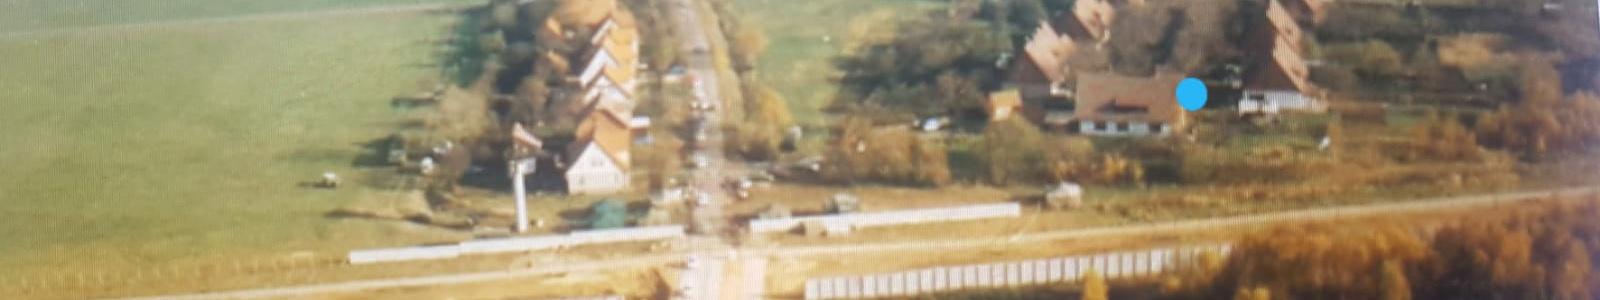 Grenzöffnung Eckertal/Stapelburg am Samstag, 11.11.1998